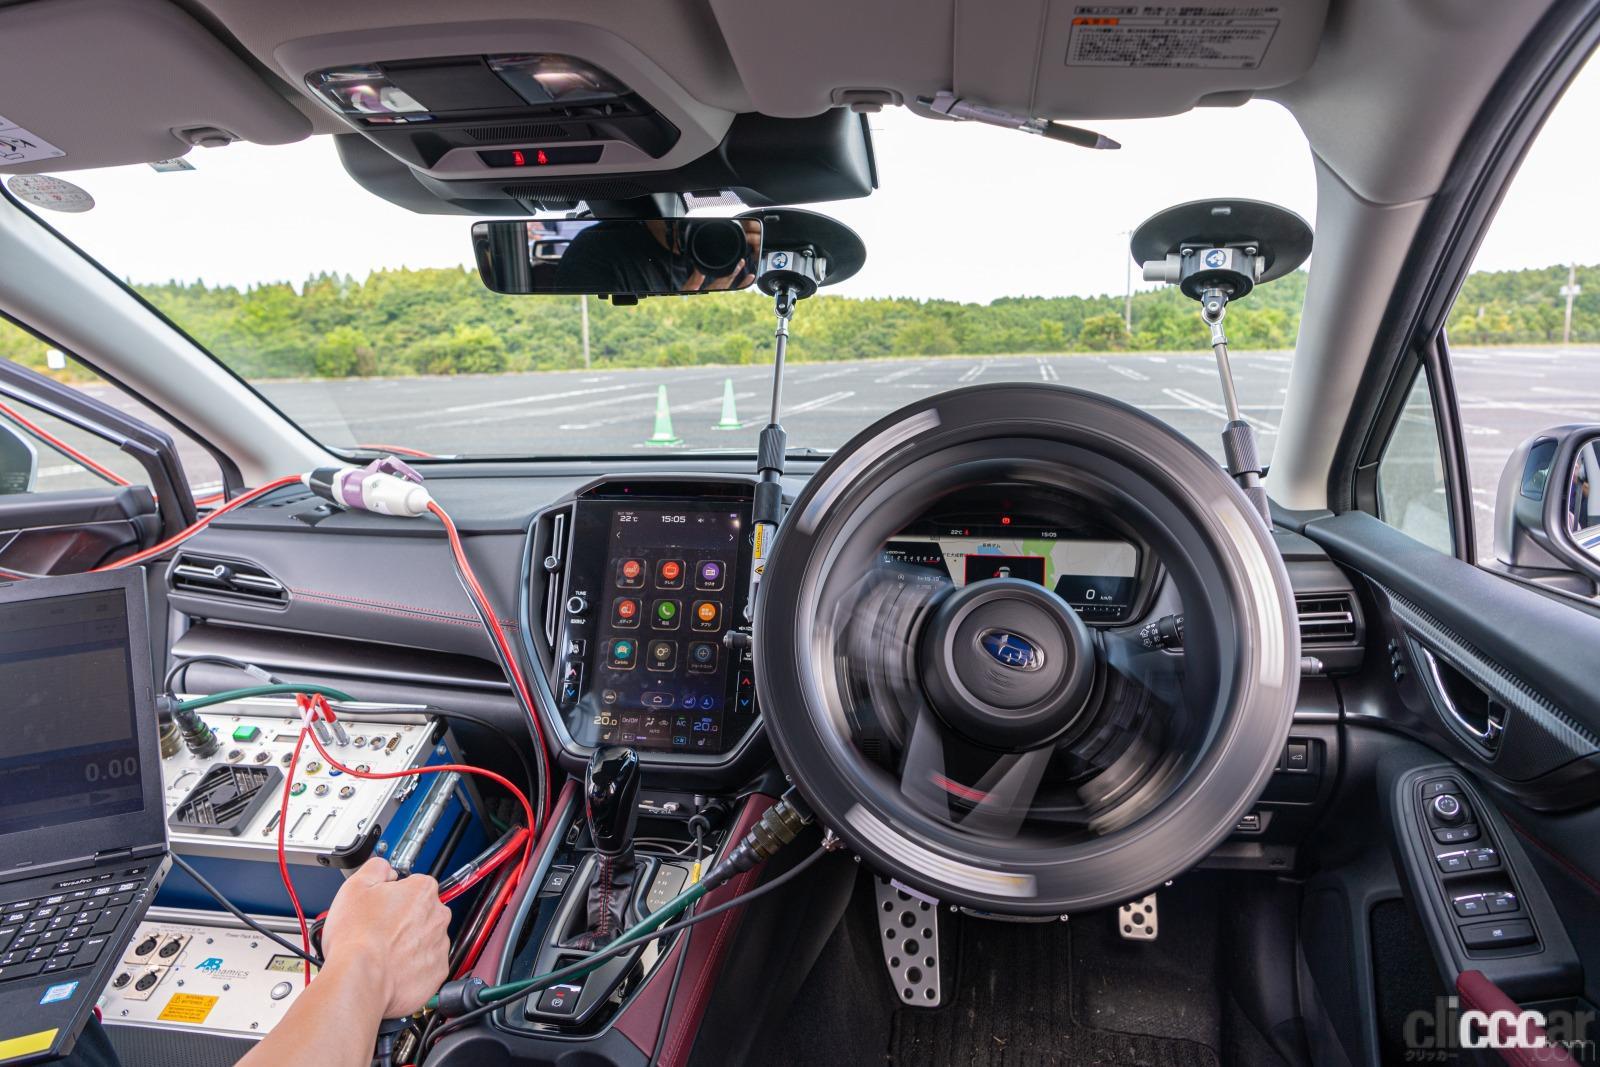 「運転がうまくなる! STI 辰己総監督入魂の逸品、レヴォーグ用パーツを試してみた」の4枚目の画像